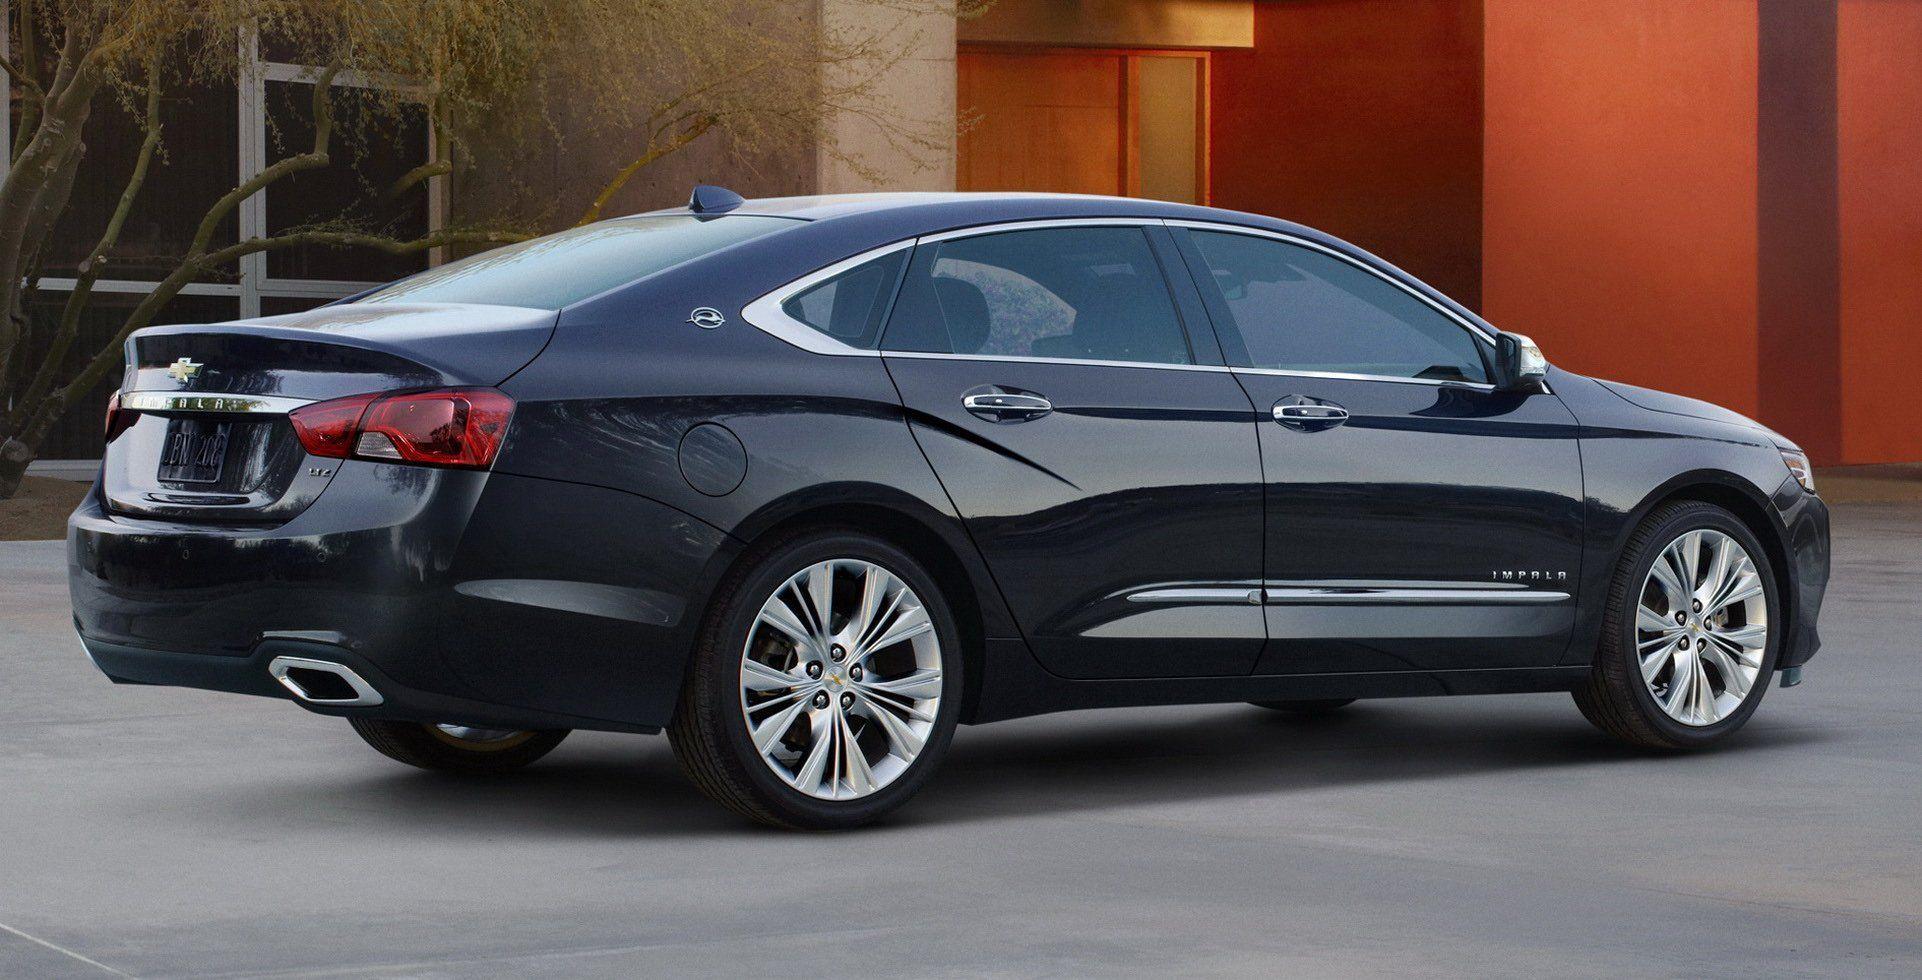 2025 Chevrolet Impala A Retrospective Study To Saving Americas